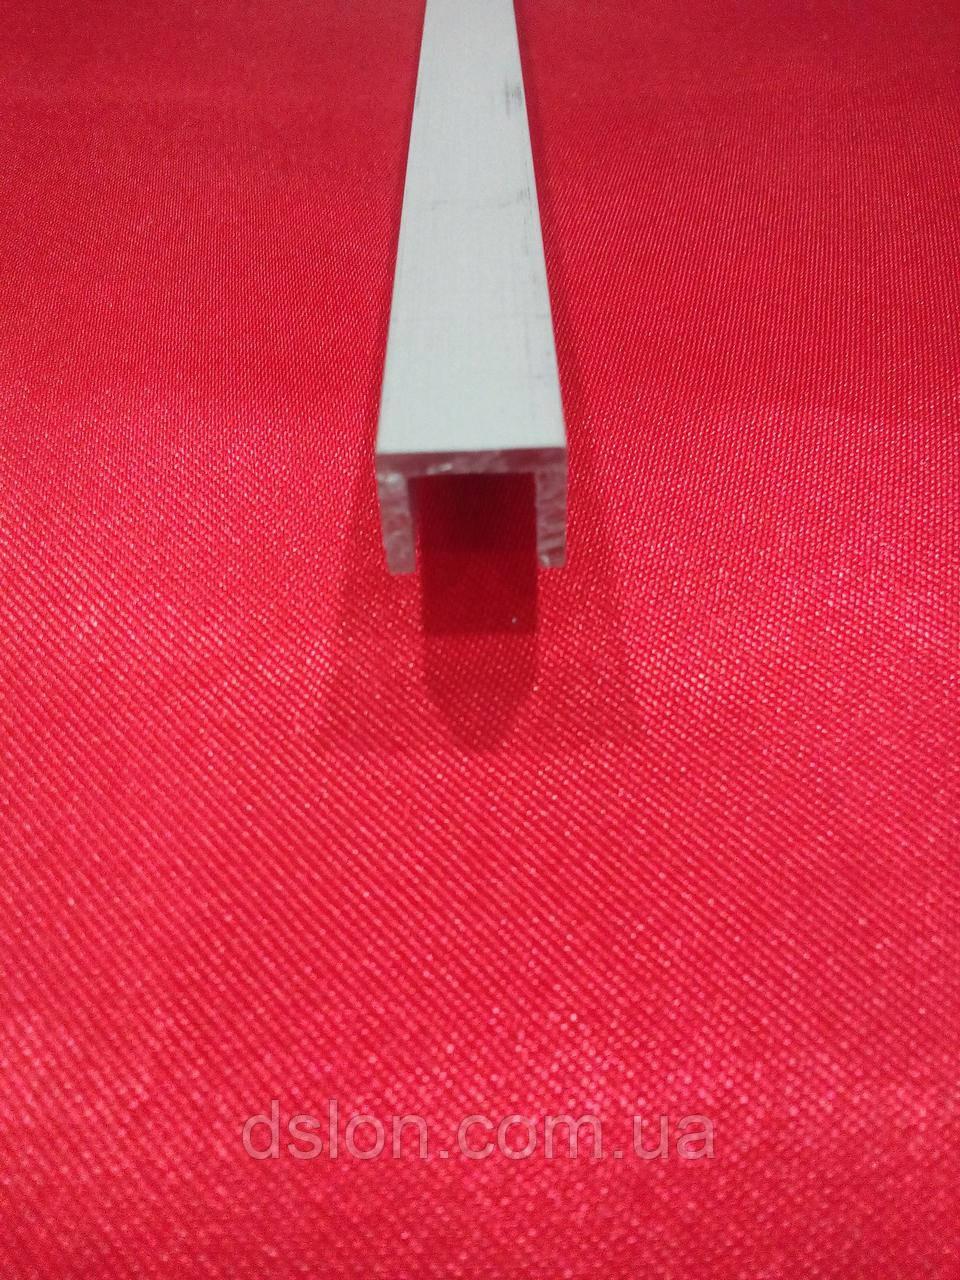 Швеллер анодированный, П-образный 8*8*8*1